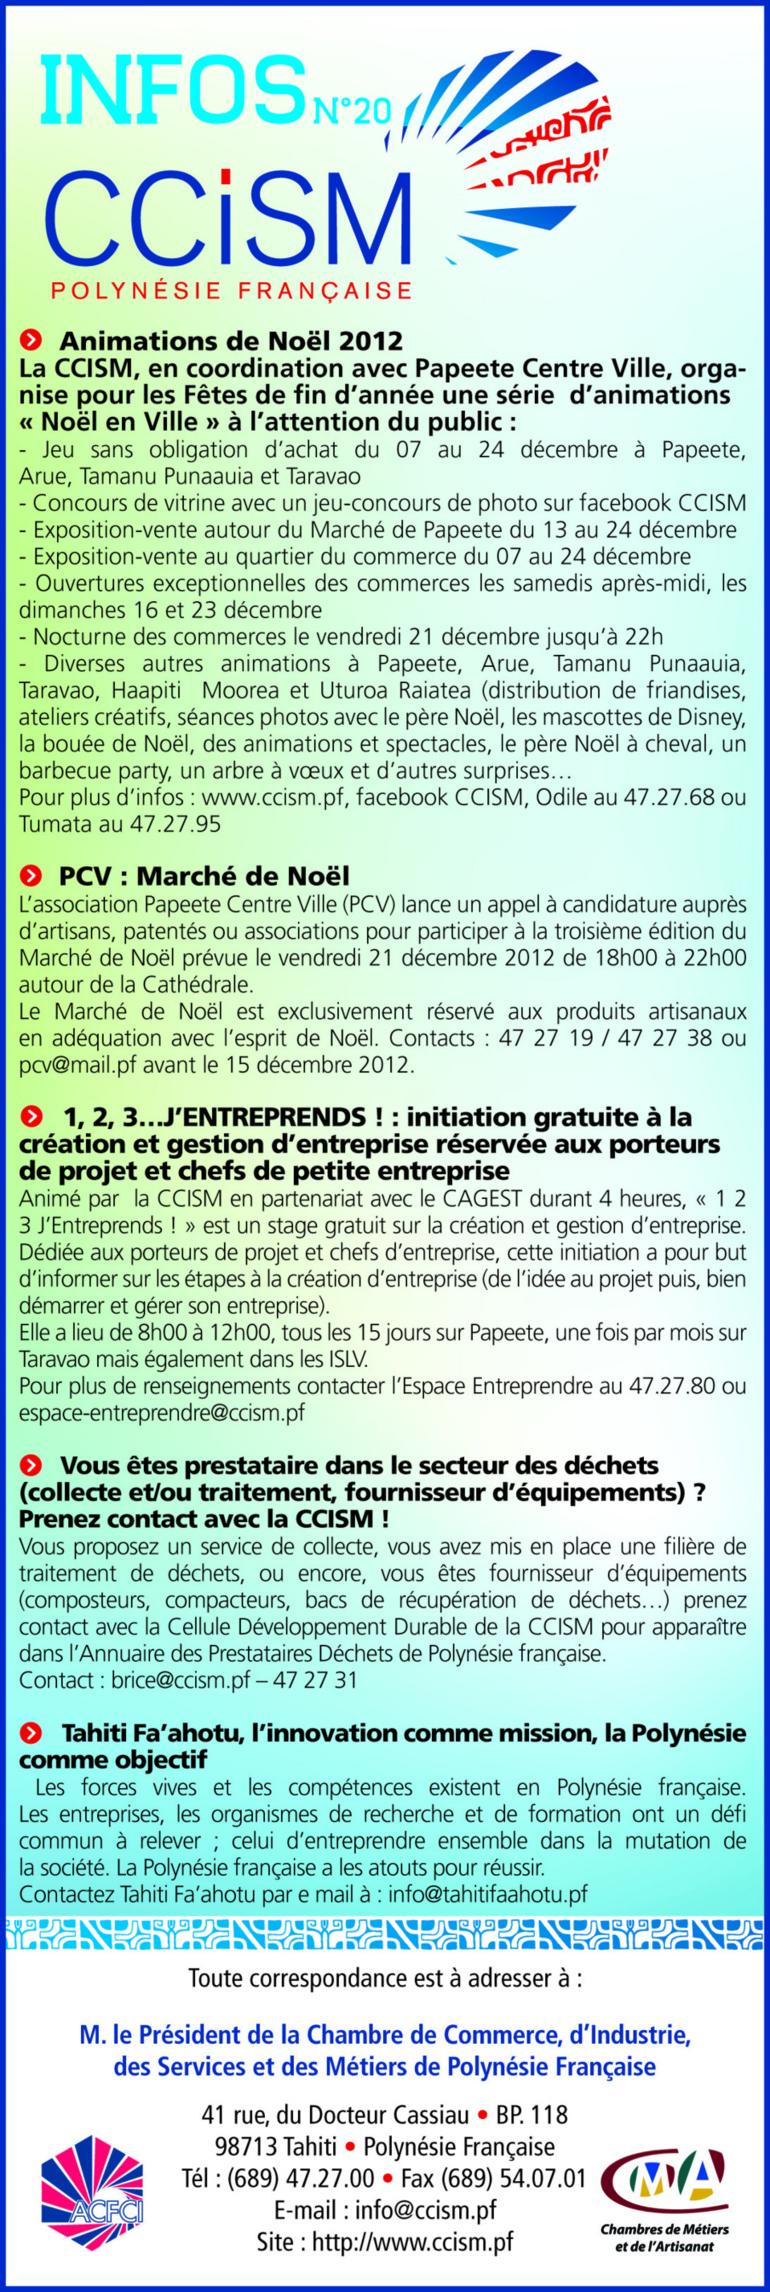 Infos CCISM N°20